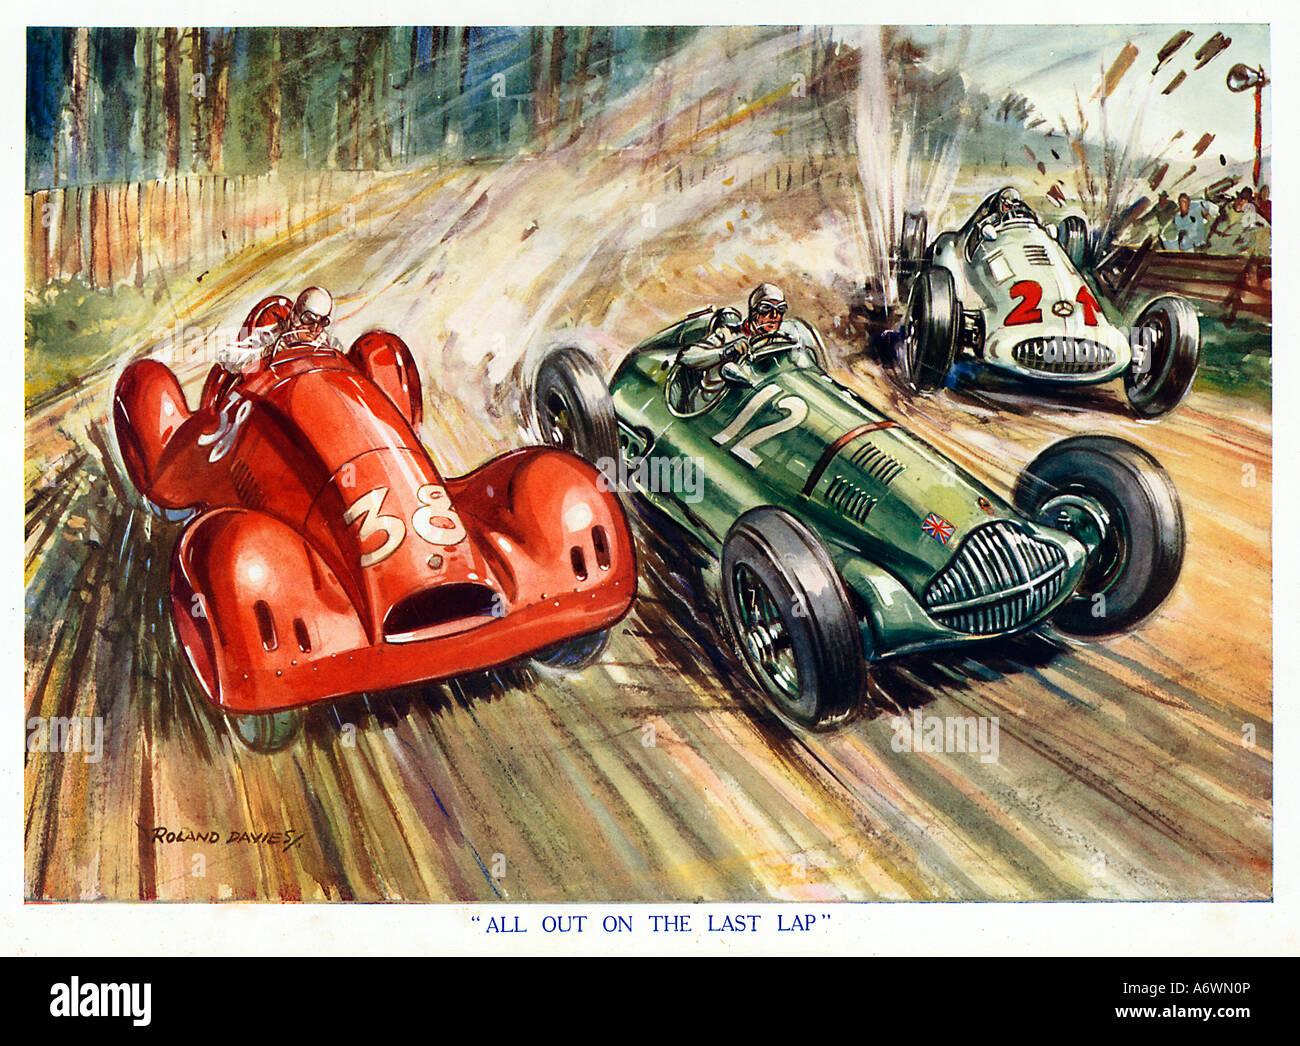 En la última vuelta 1930 s boys magazine ilustración del clímax de una carrera del motor Imagen De Stock